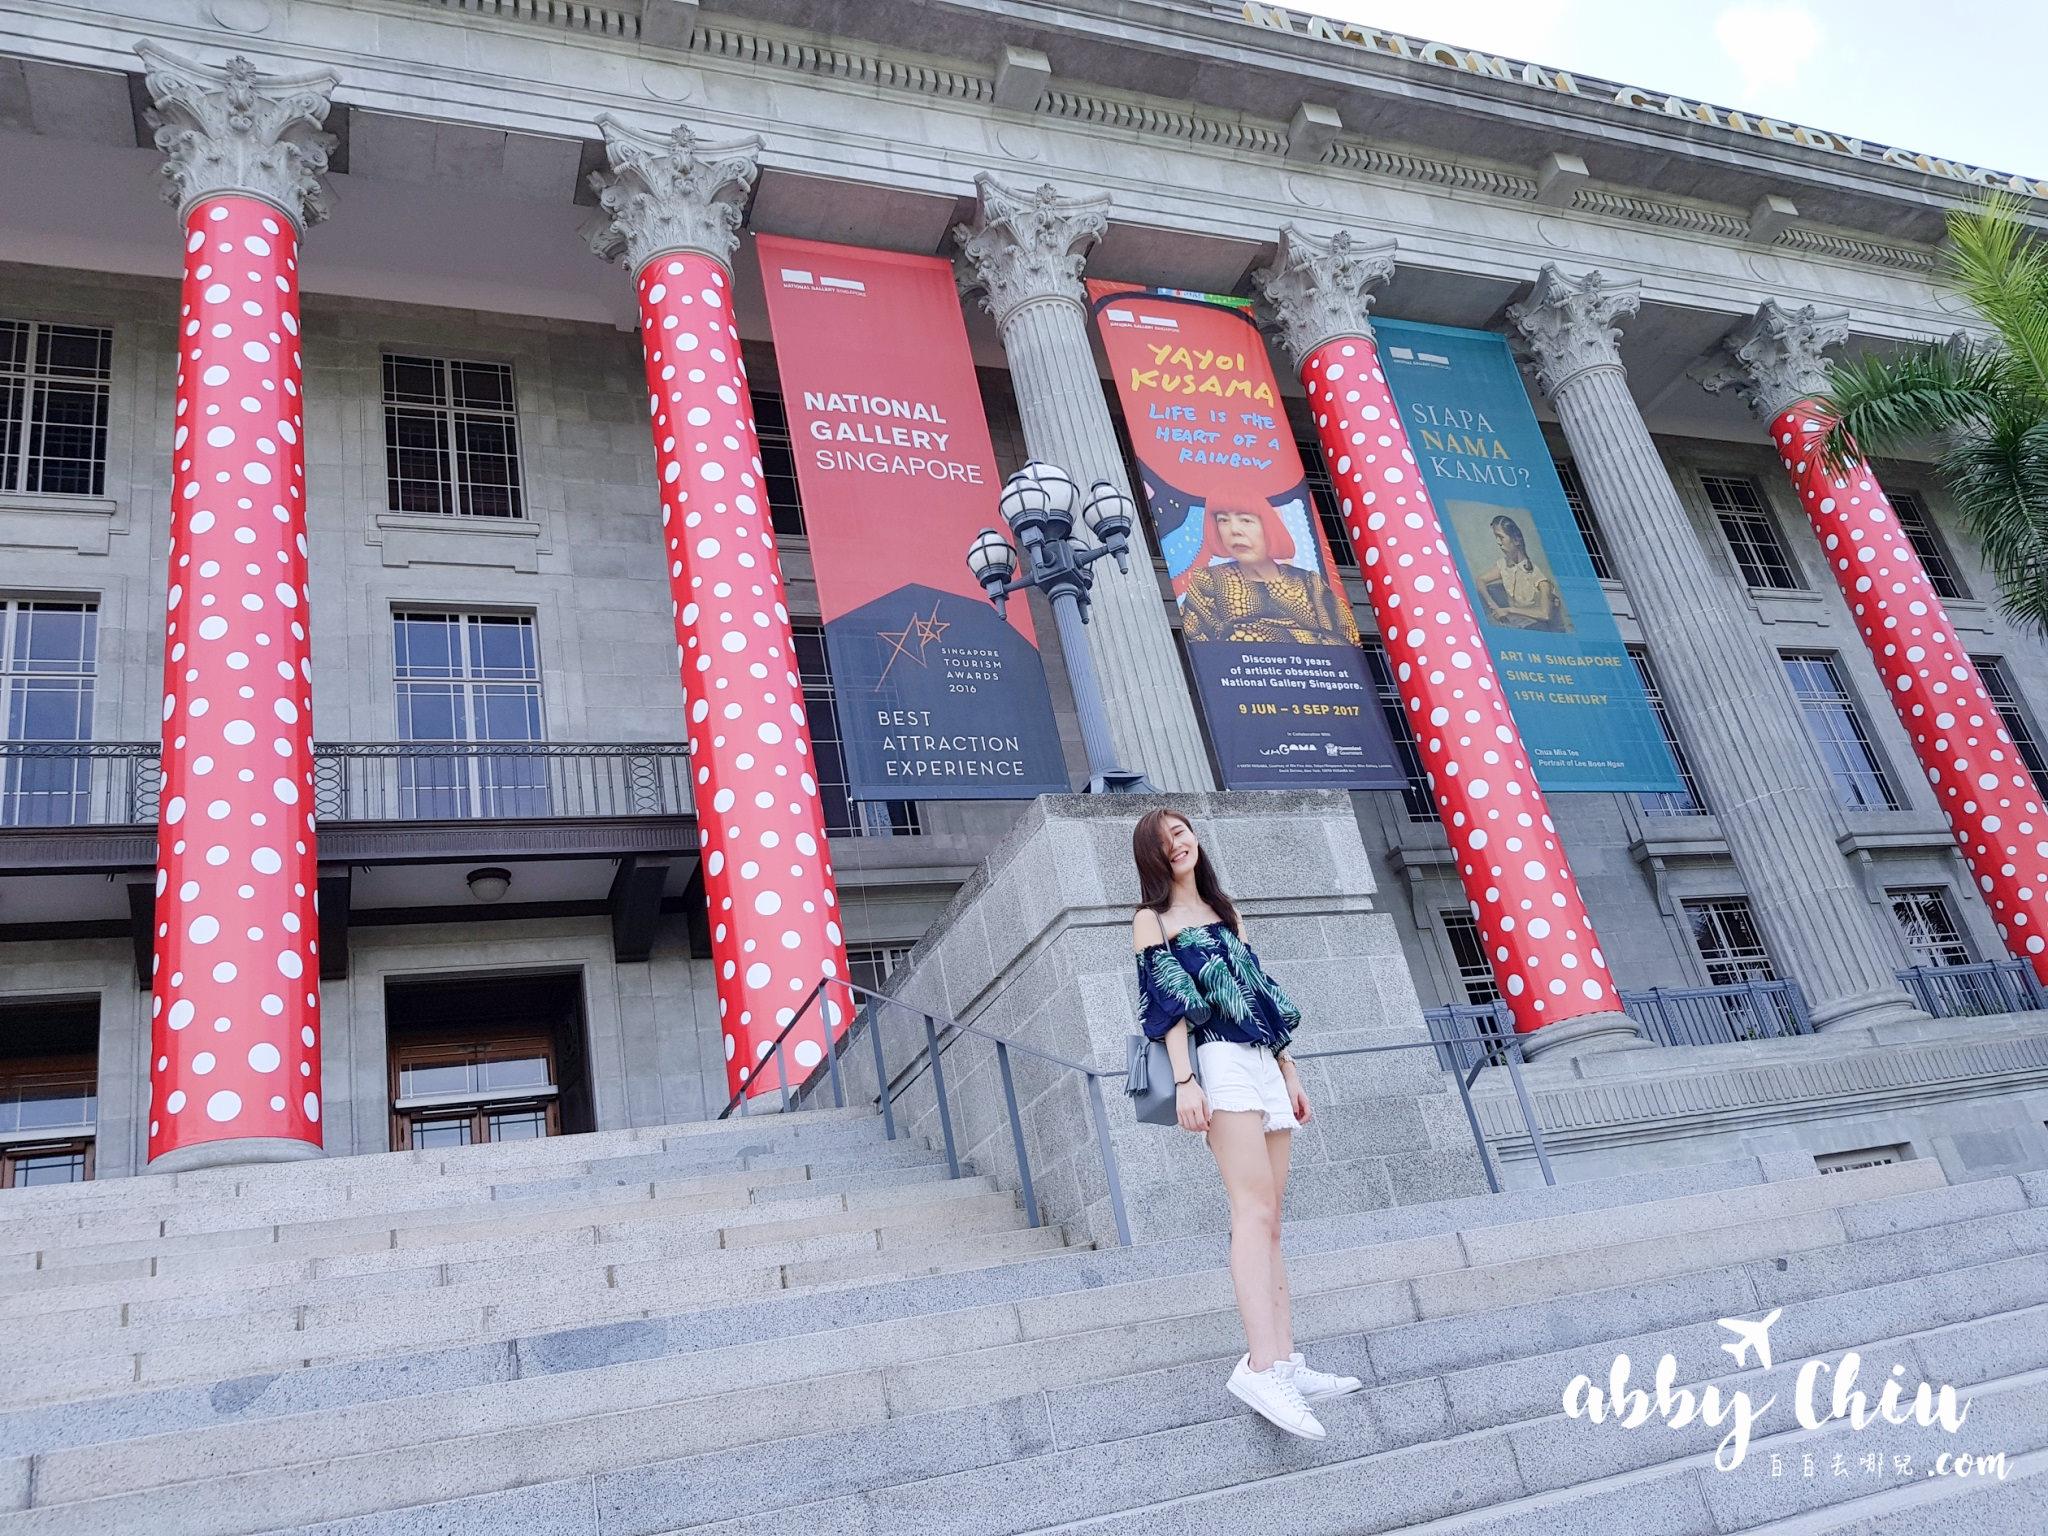 新加坡景點 | 國家美術館 草間彌生展覽 Life Is The Heart Of A Rainbow ♥ National Gallery Singapore Yayoi Kusama exhibition ...